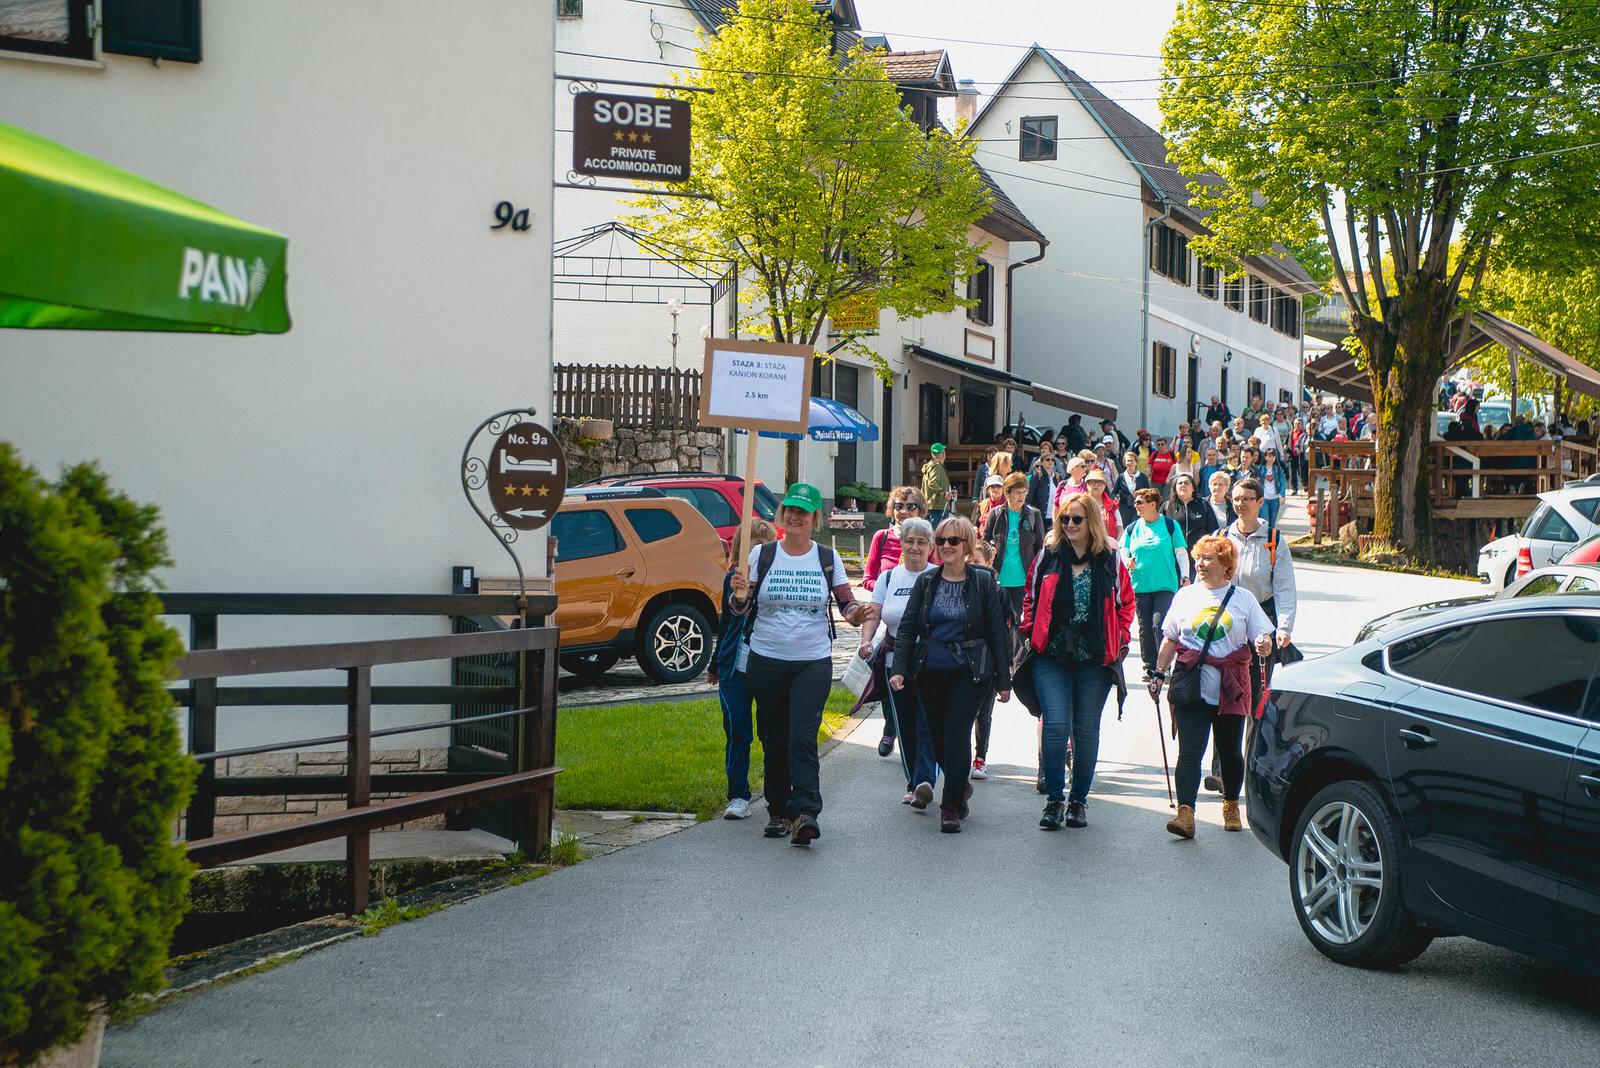 likaclub_slunj_rastoke_5-festival-nordijskog-hodanja_2019-55